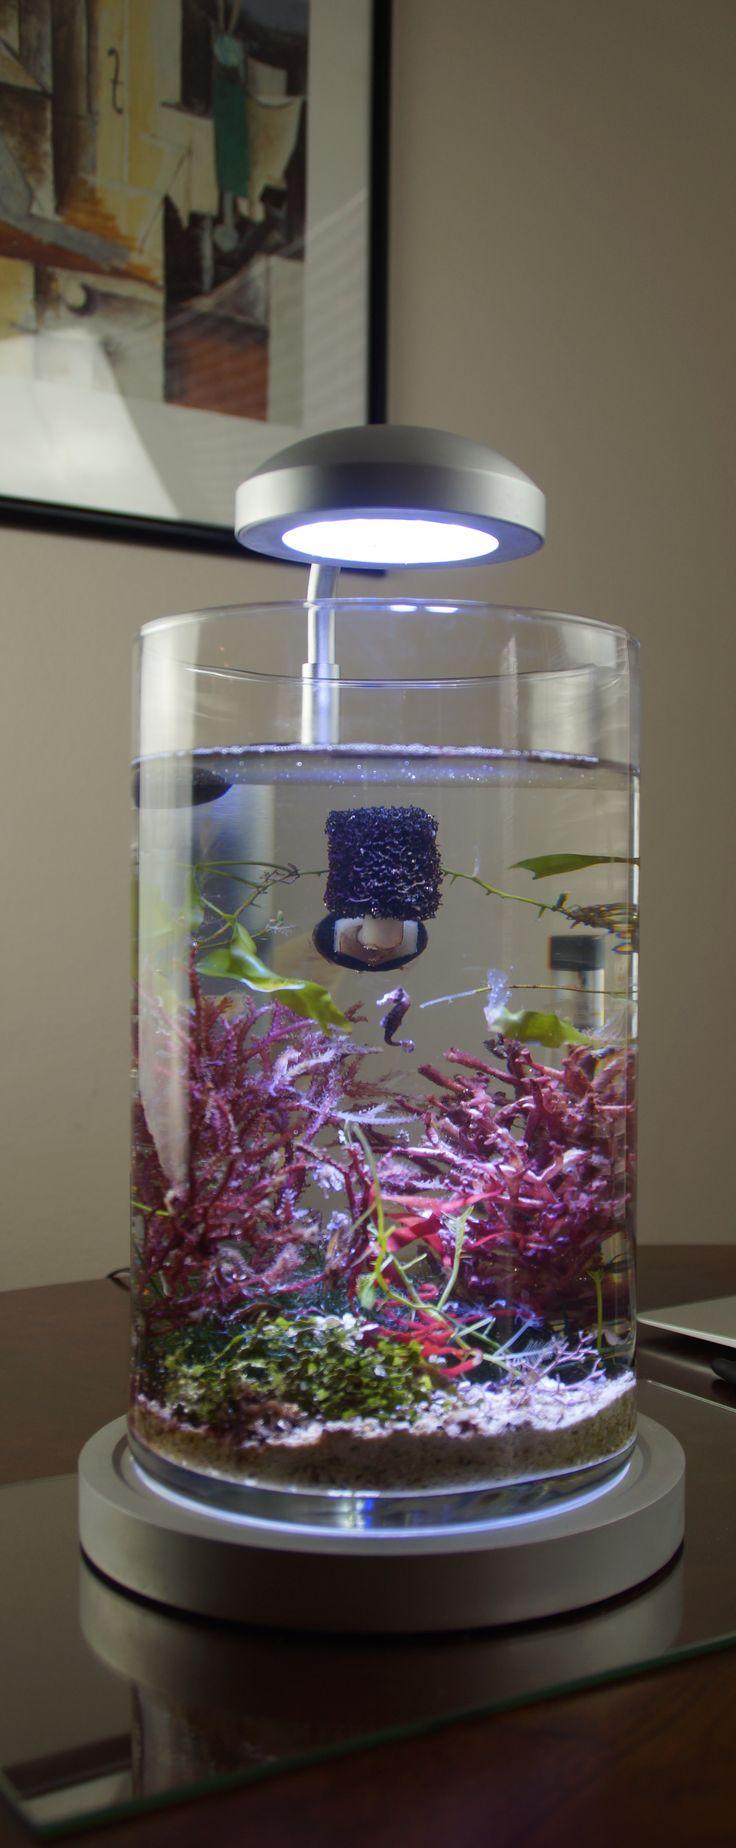 PJ reefs 2.0 Dwarf Seahorse Aquarium Now LIVE on Kickstarter